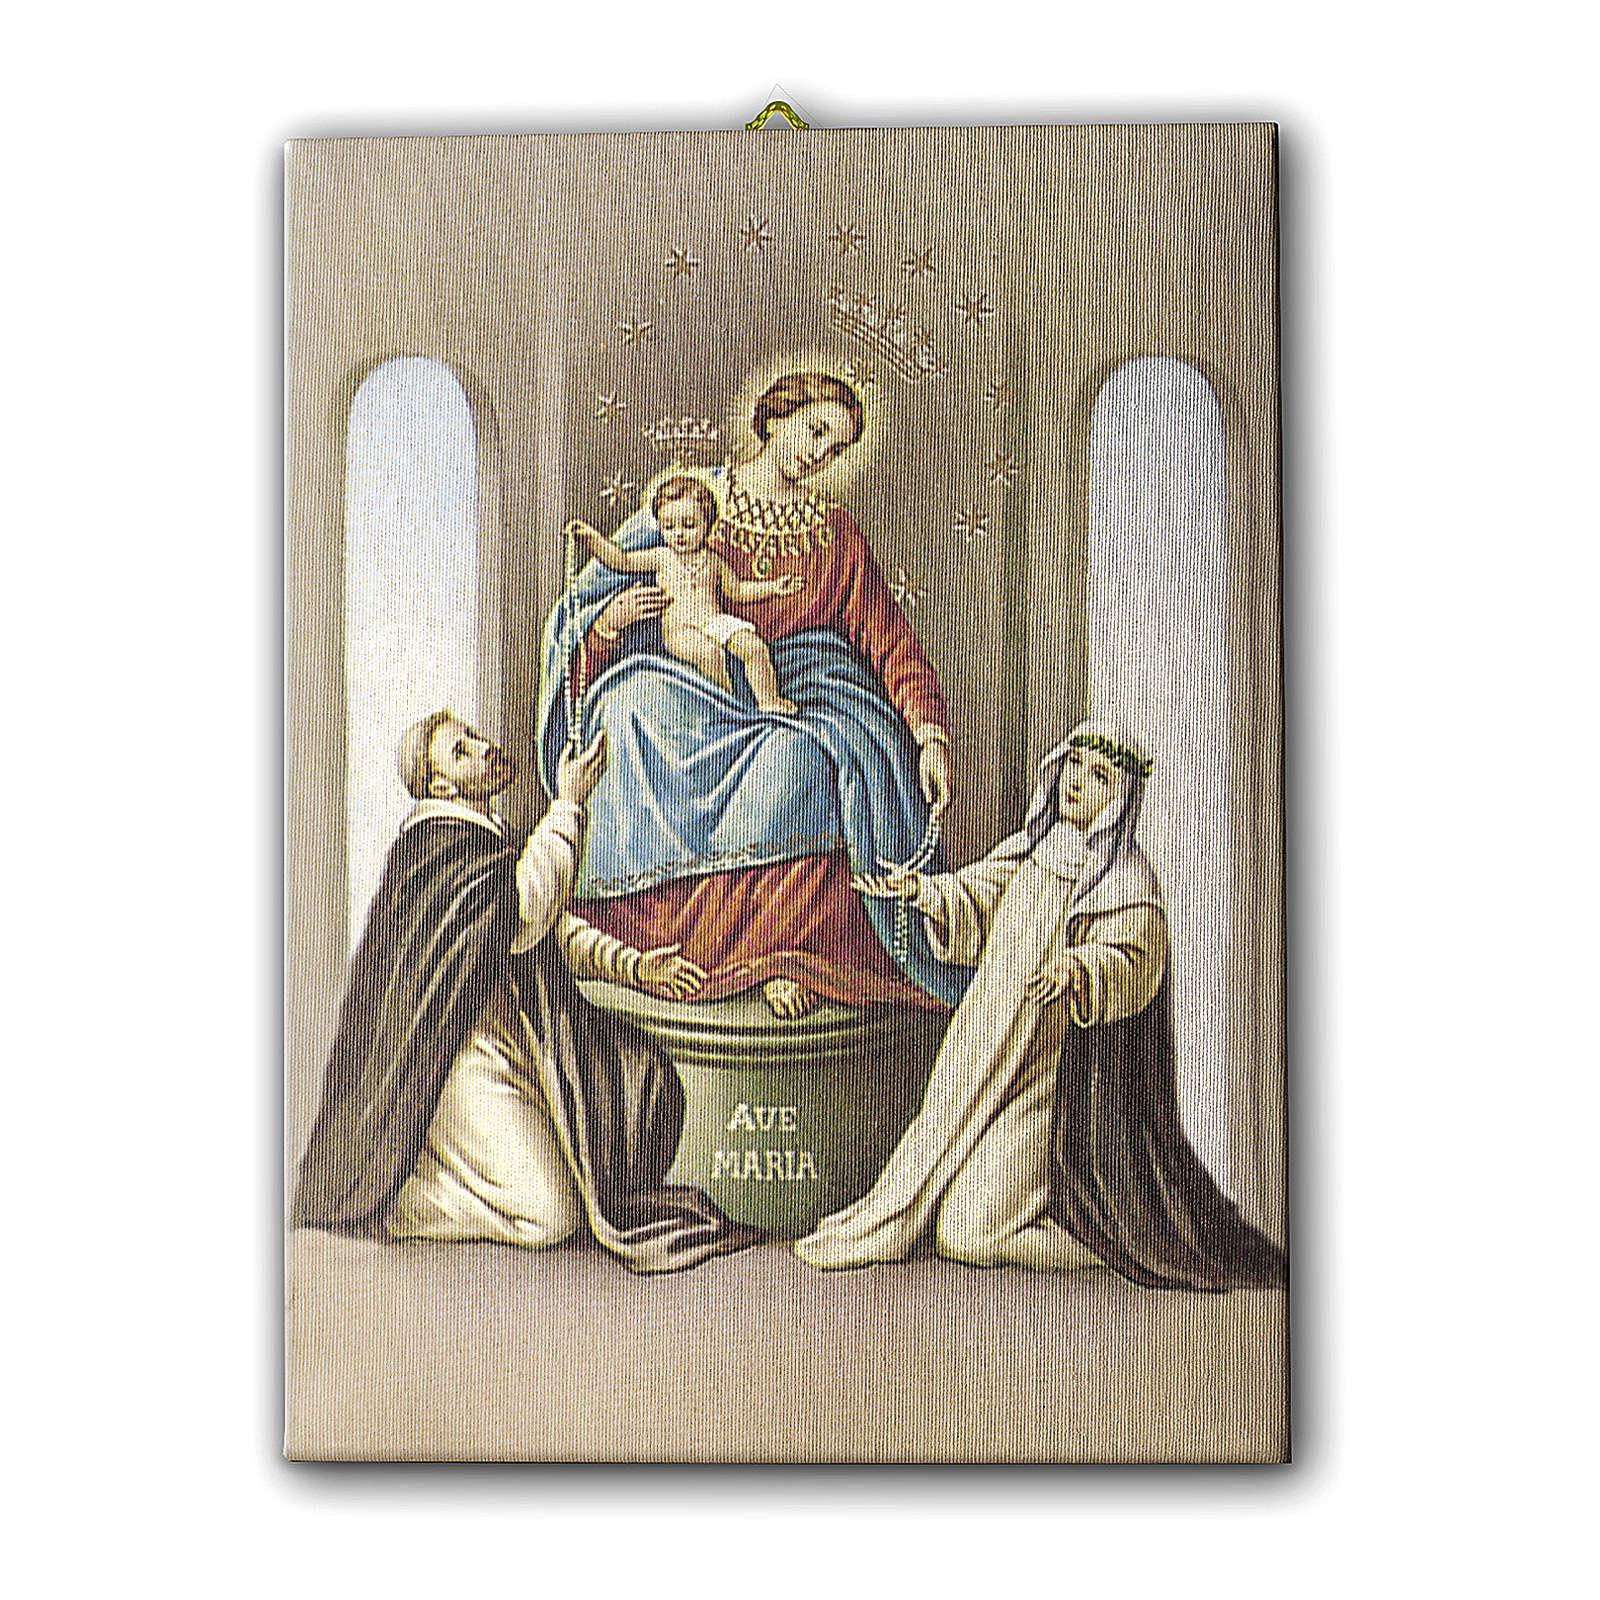 Obraz na płótnie Matka Boska Różańcowa z Pompei 25x20cm 3